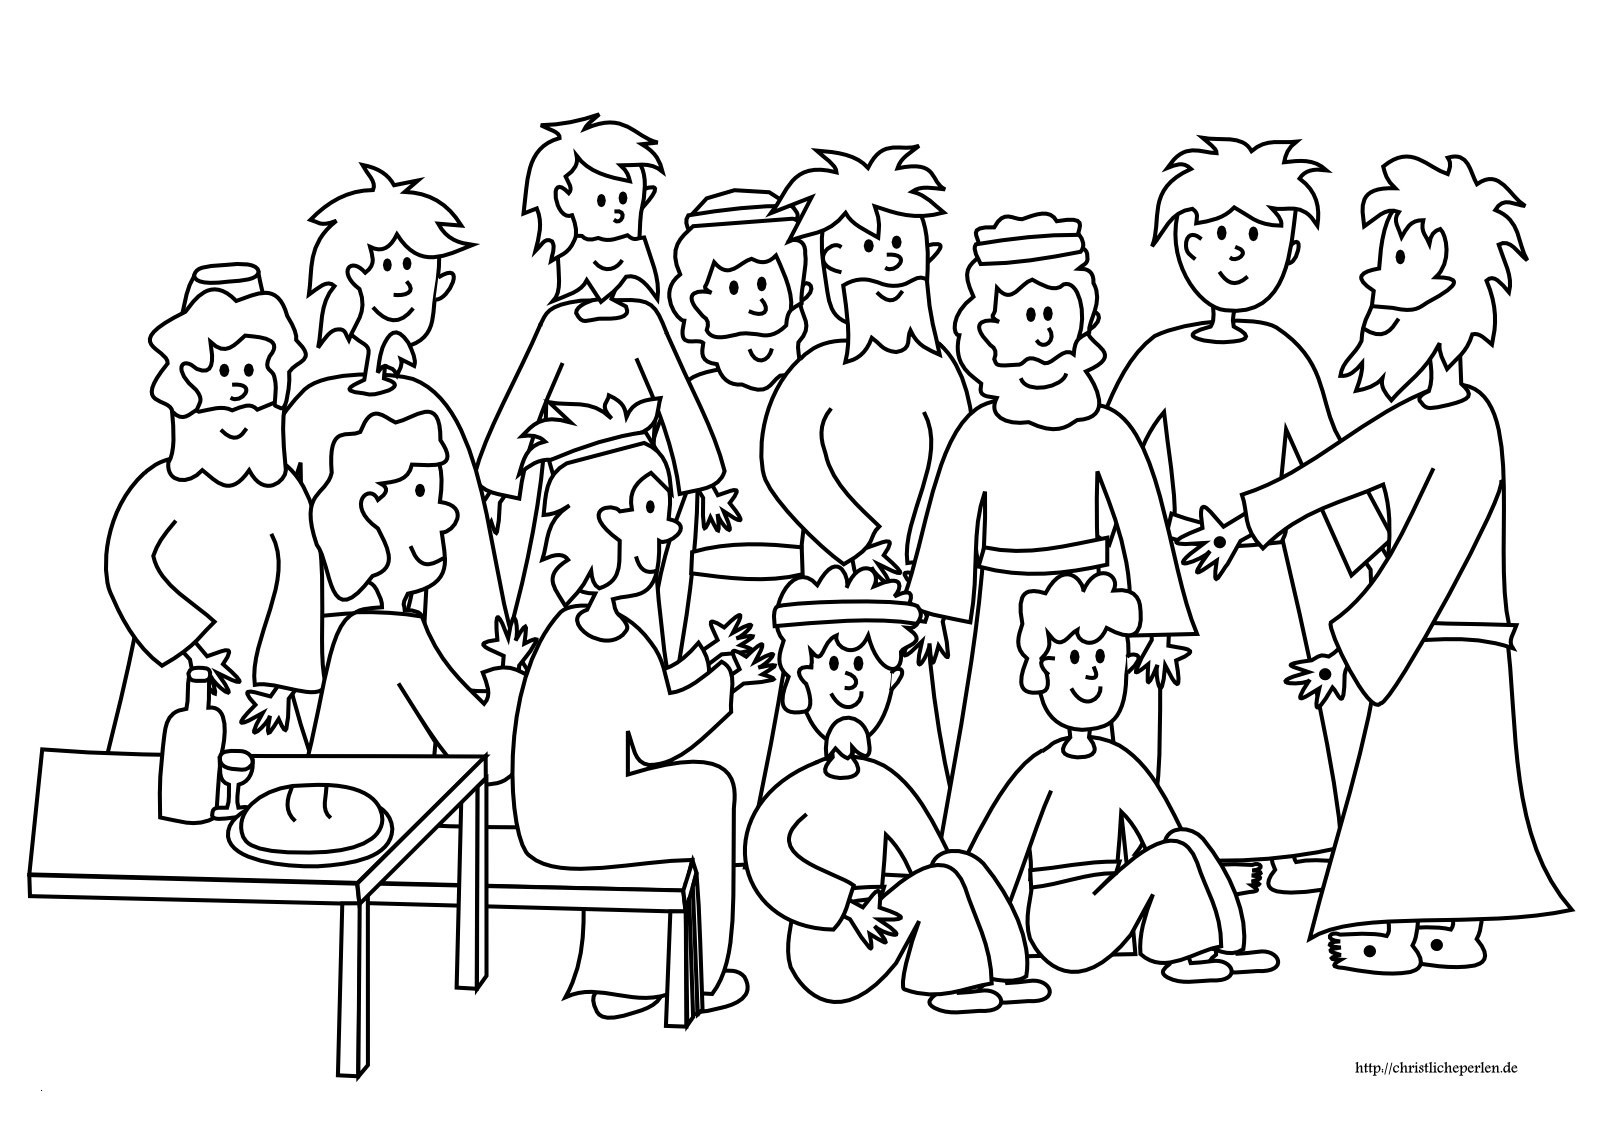 Jakob Und Esau Ausmalbilder Neu Malvorlagen Igel Frisch Igel Grundschule 0d Archives Uploadertalk Stock